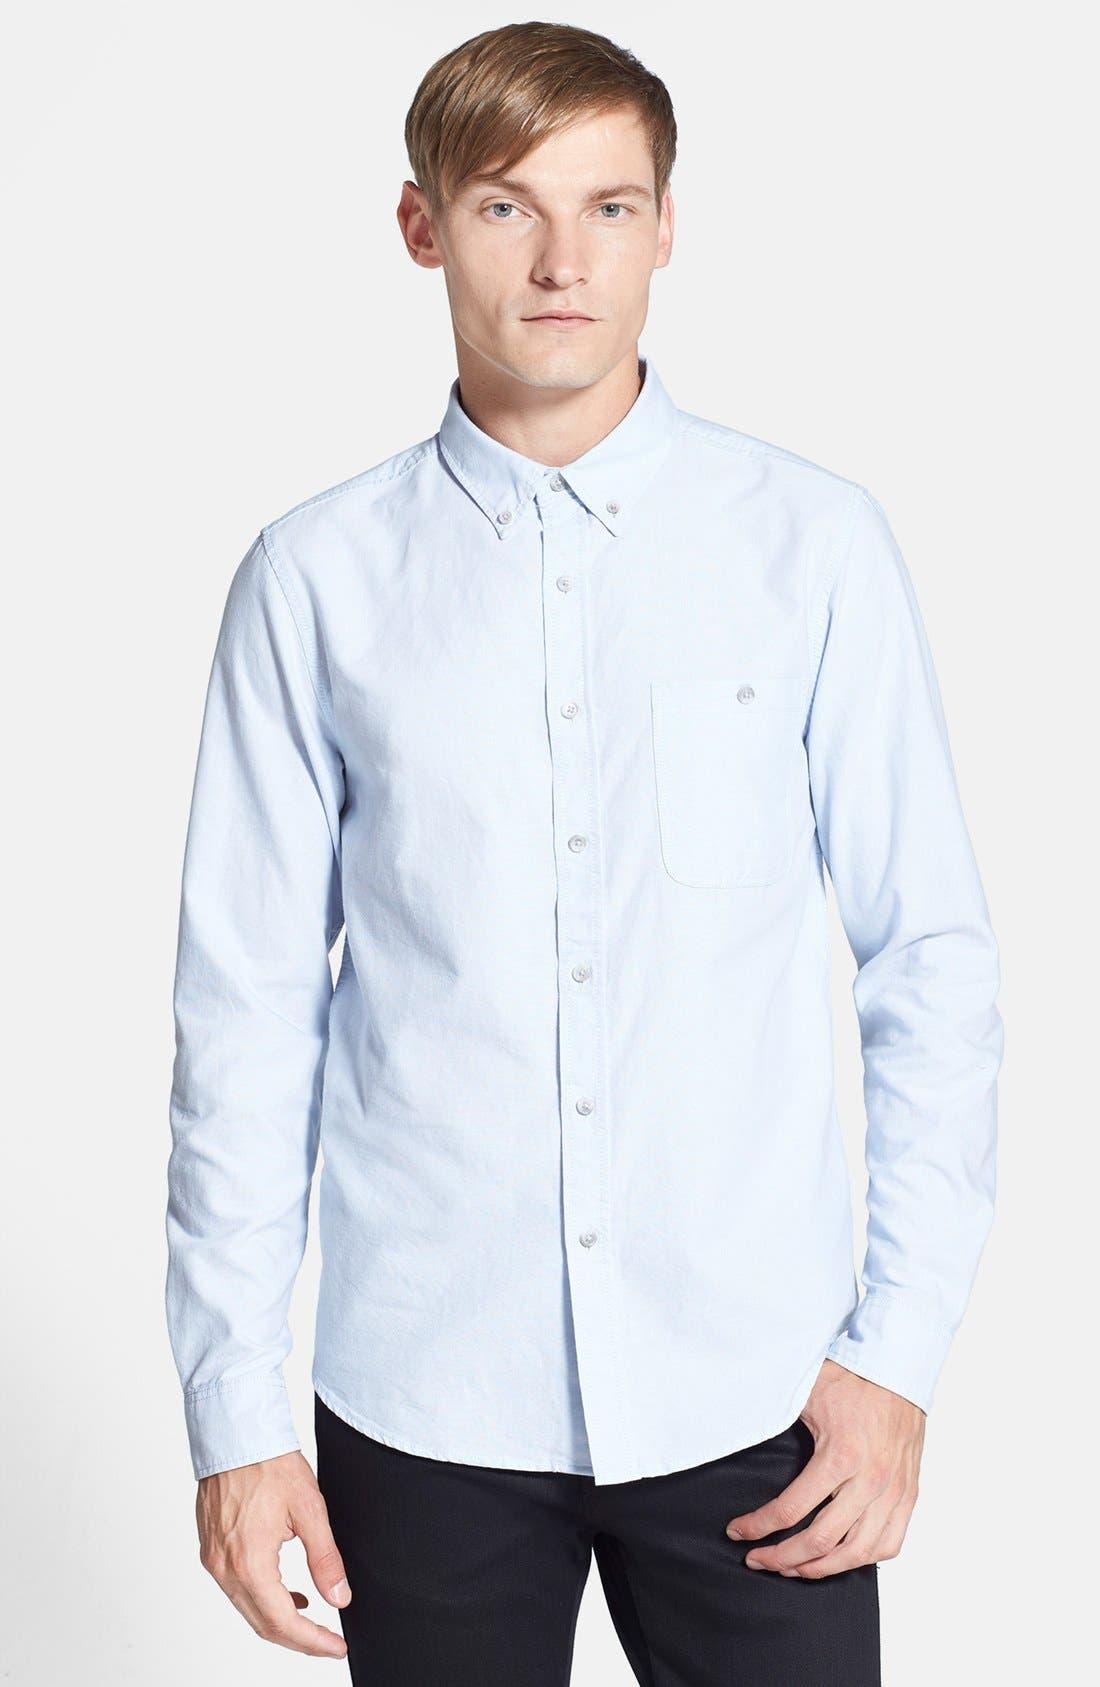 Alternate Image 1 Selected - Topman Slim Fit Oxford Shirt